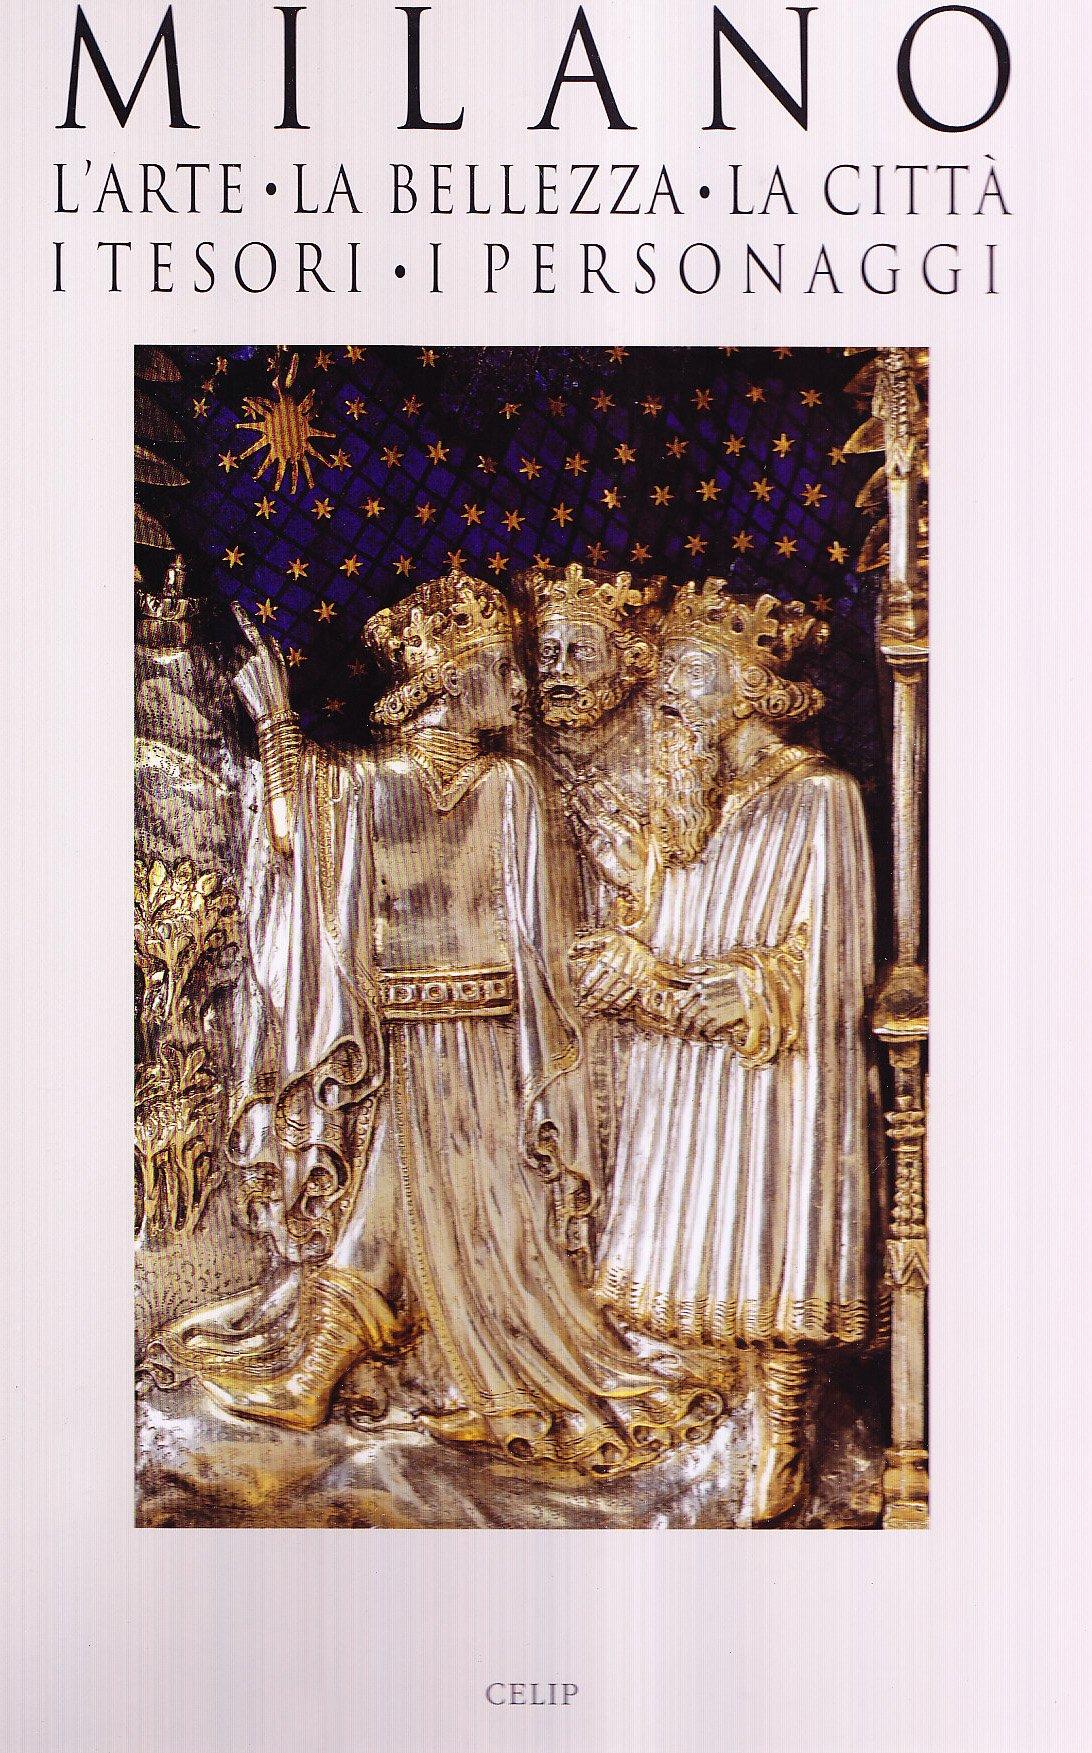 Milano. L'arte, la bellezza, la città, i tesori, i personaggi Copertina rigida – 31 ott 2000 R. Cordani Milano. L' arte CELIP 8887152101